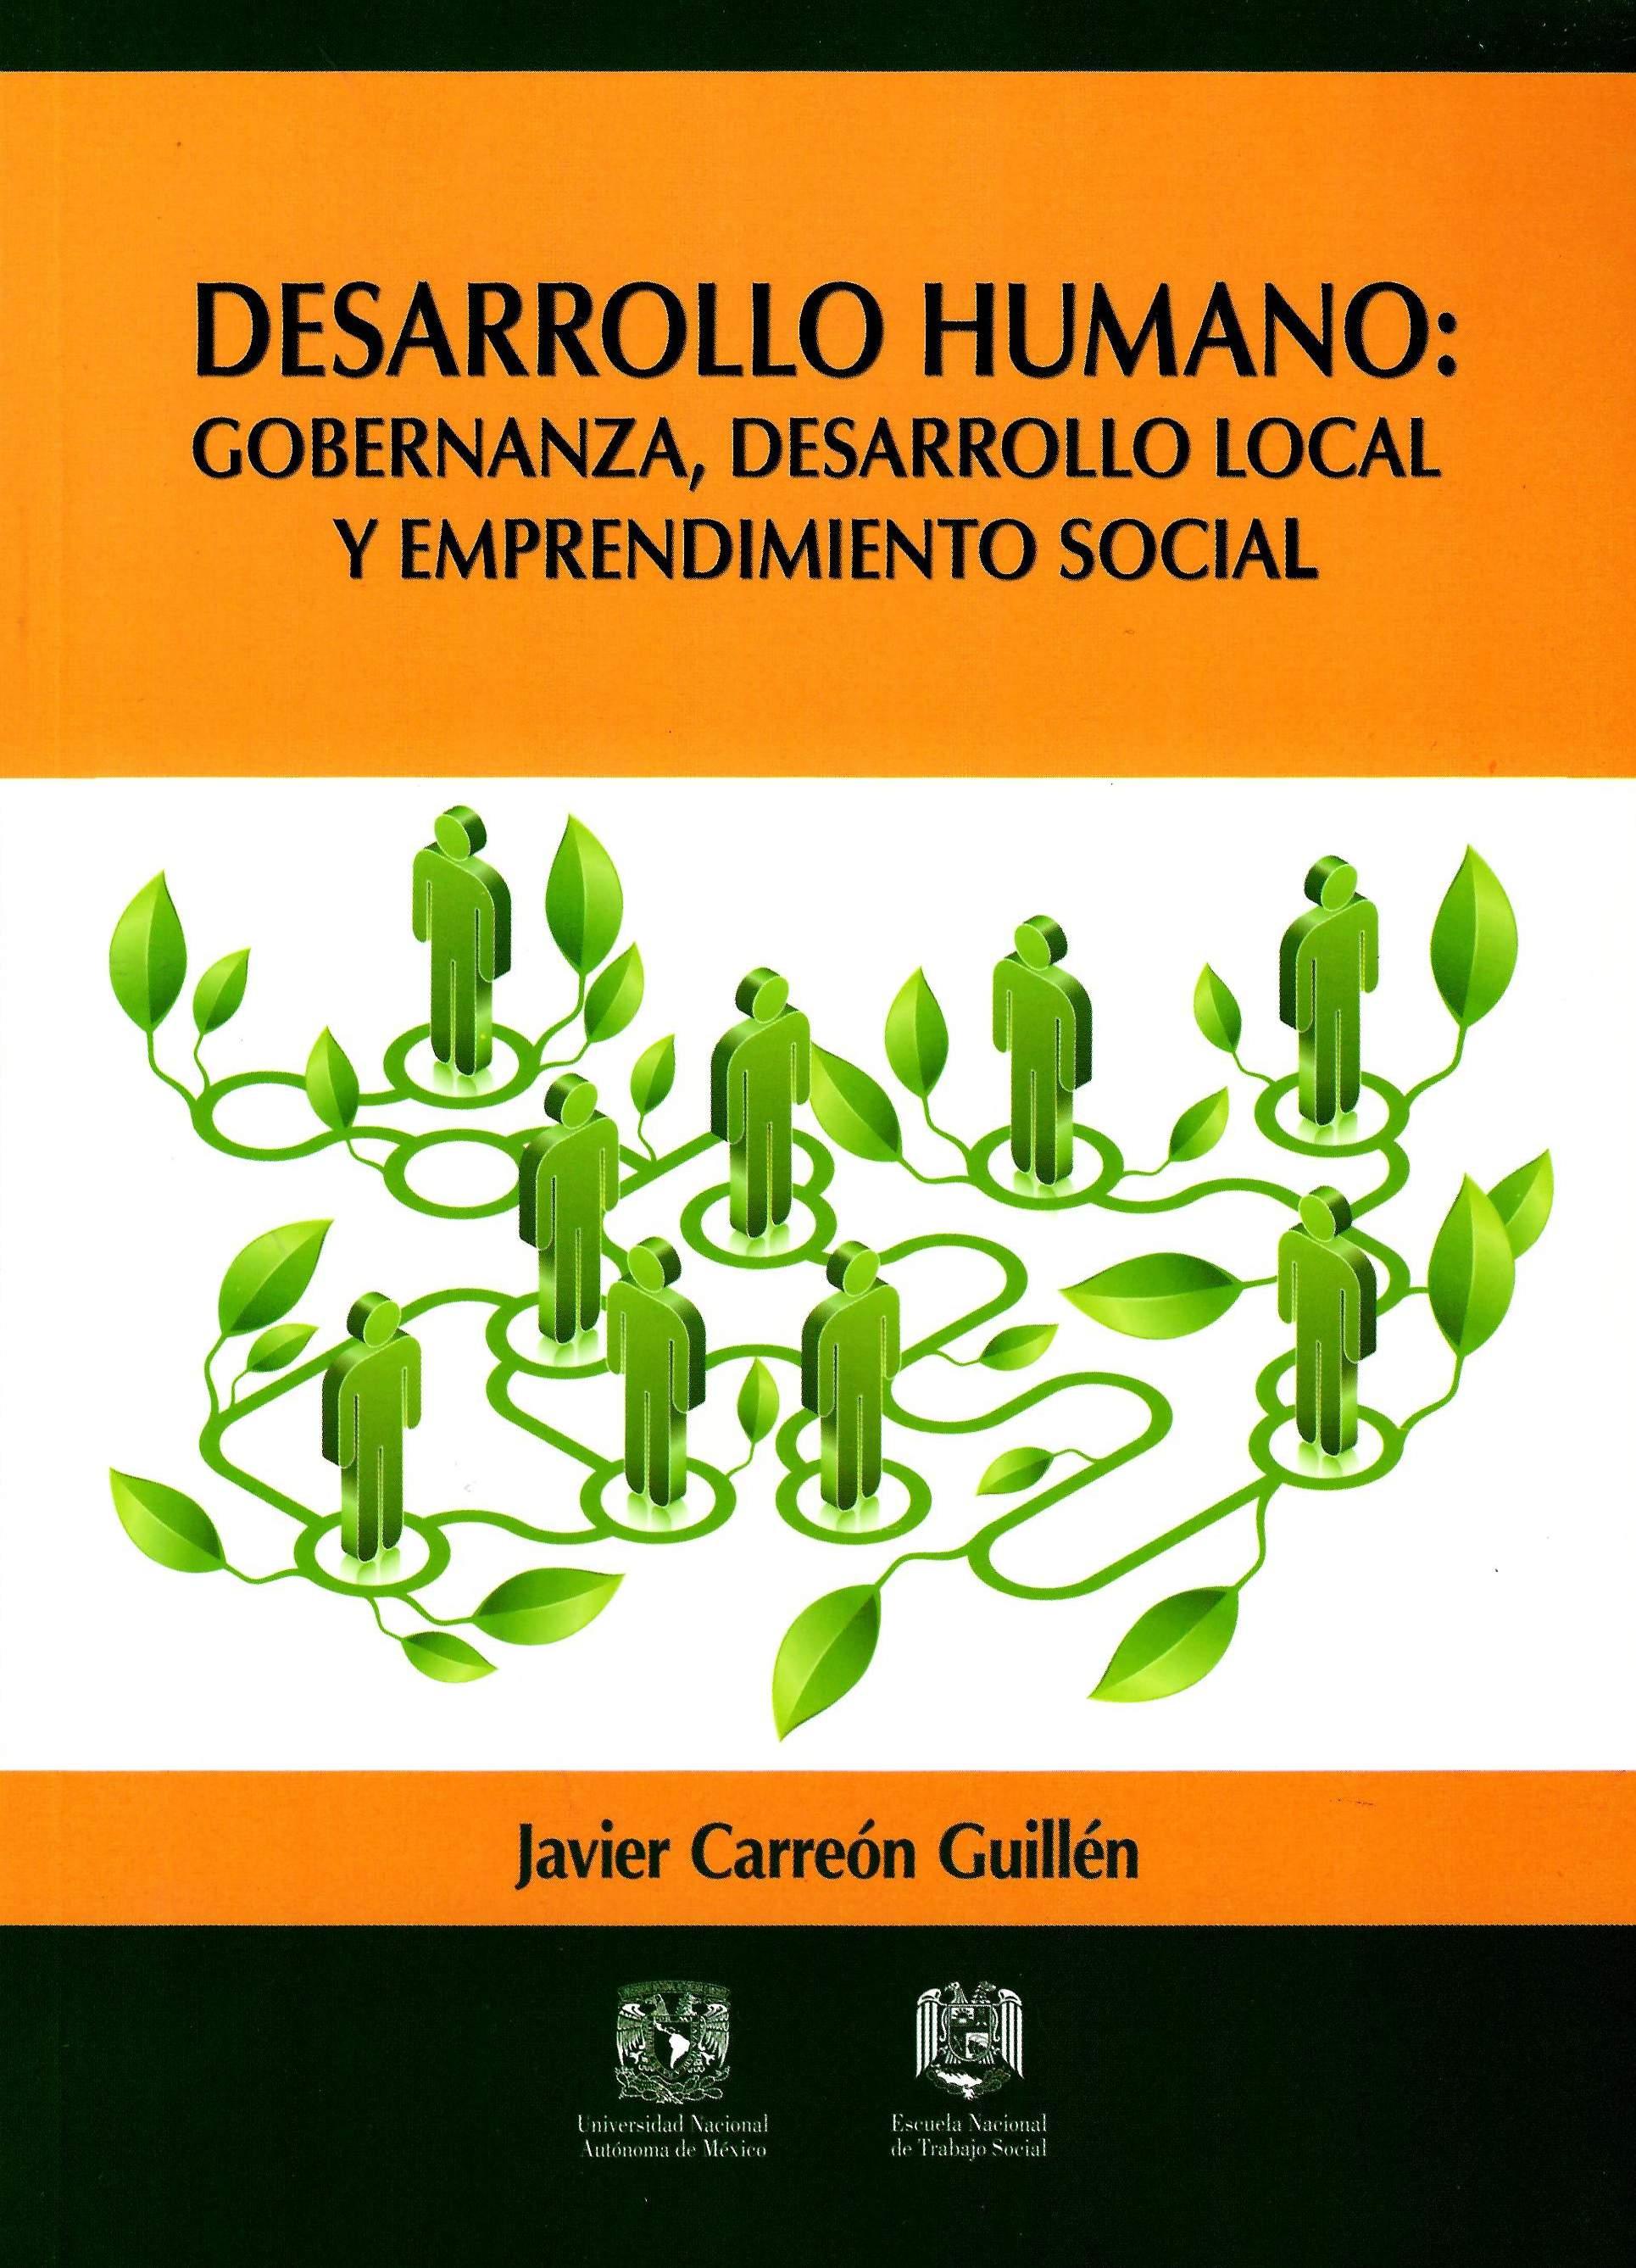 Desarrollo humano: gobernanza, desarrollo local y emprendimiento social